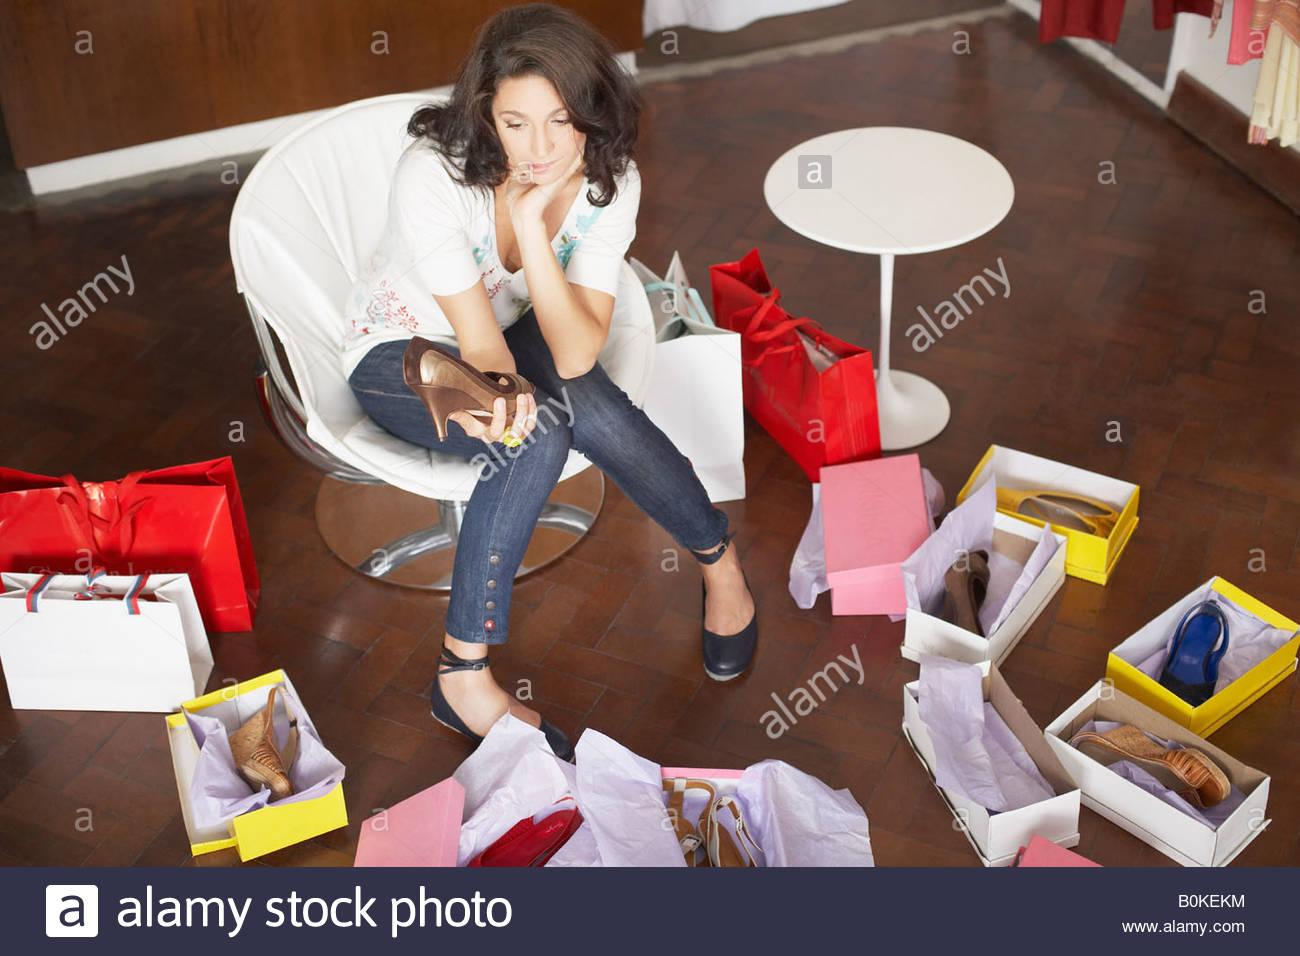 Mujer en grandes almacenes probándose zapatos Imagen De Stock